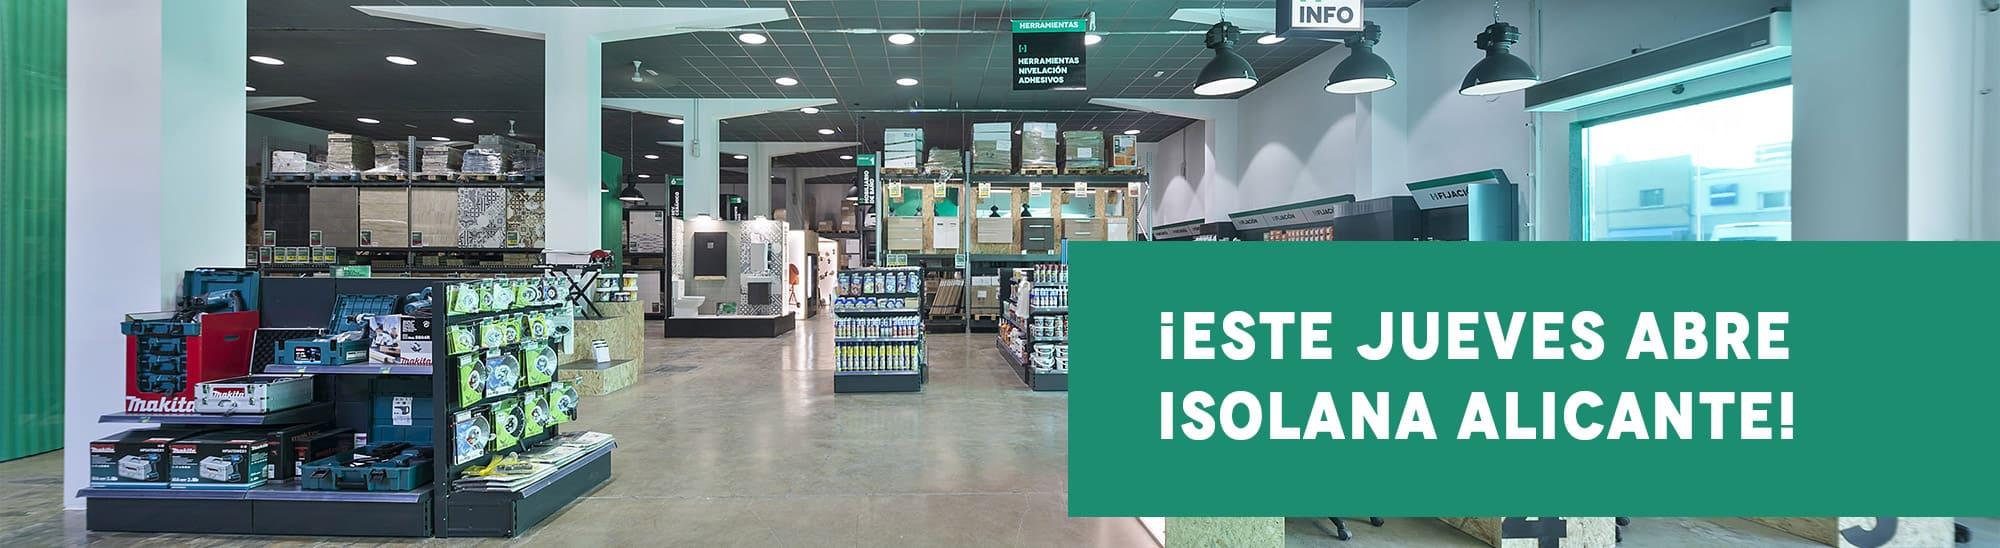 tienda-isolana-